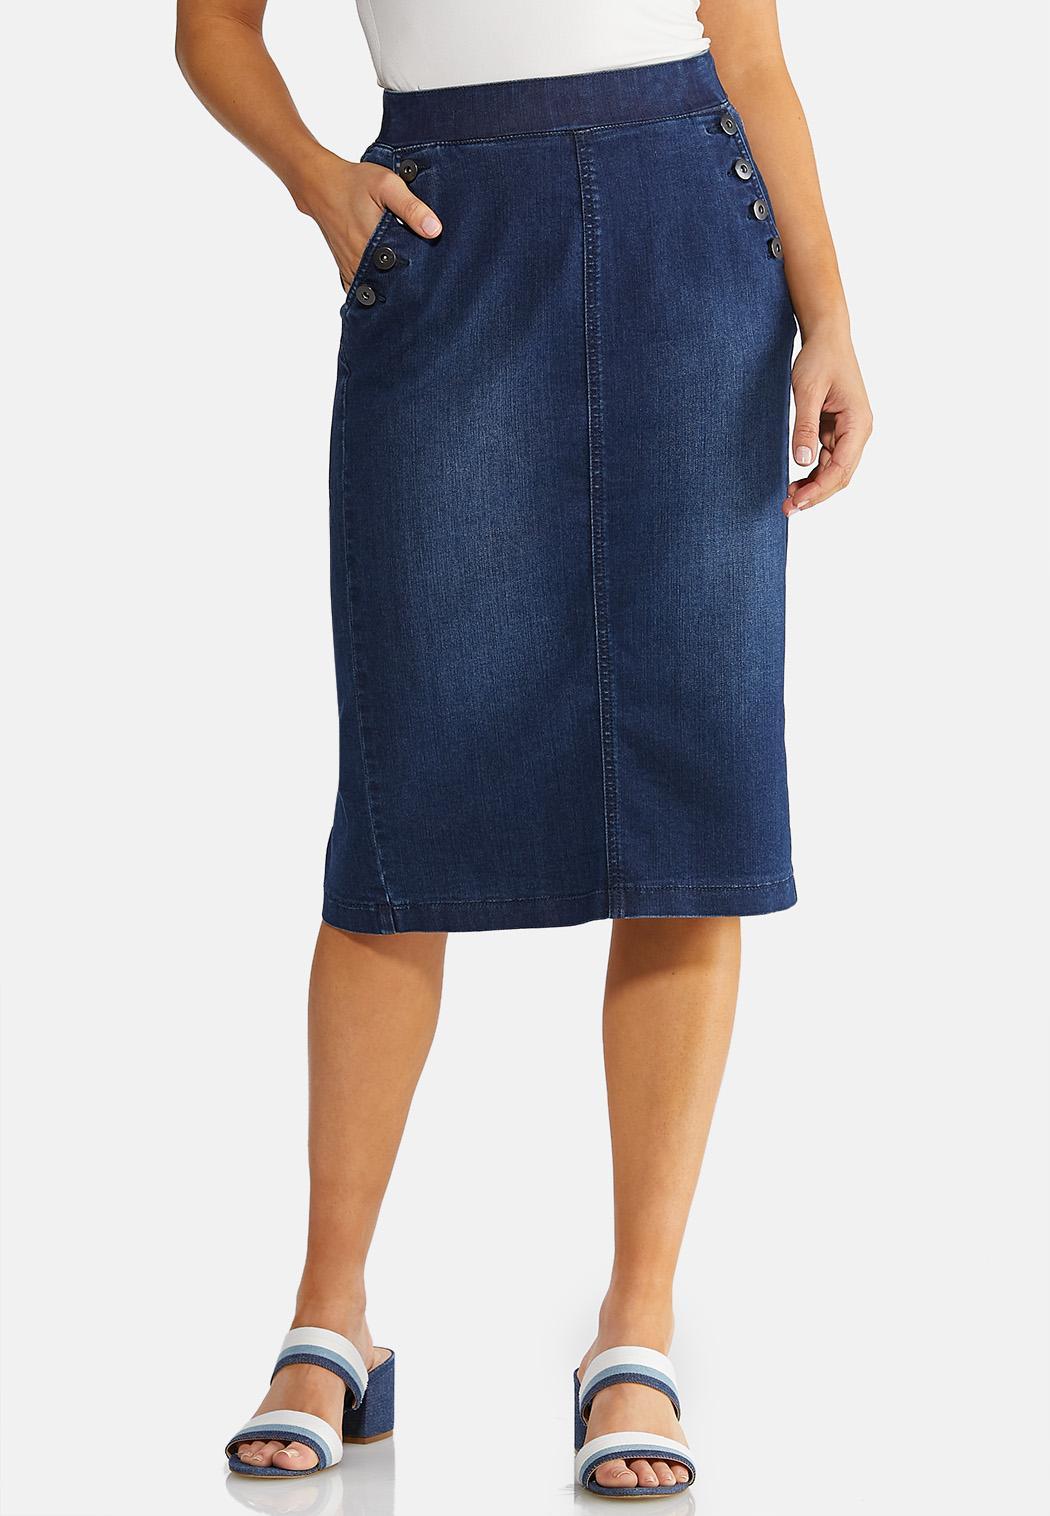 effa57e75 Button Pocket Denim Skirt alternate view Button Pocket Denim Skirt